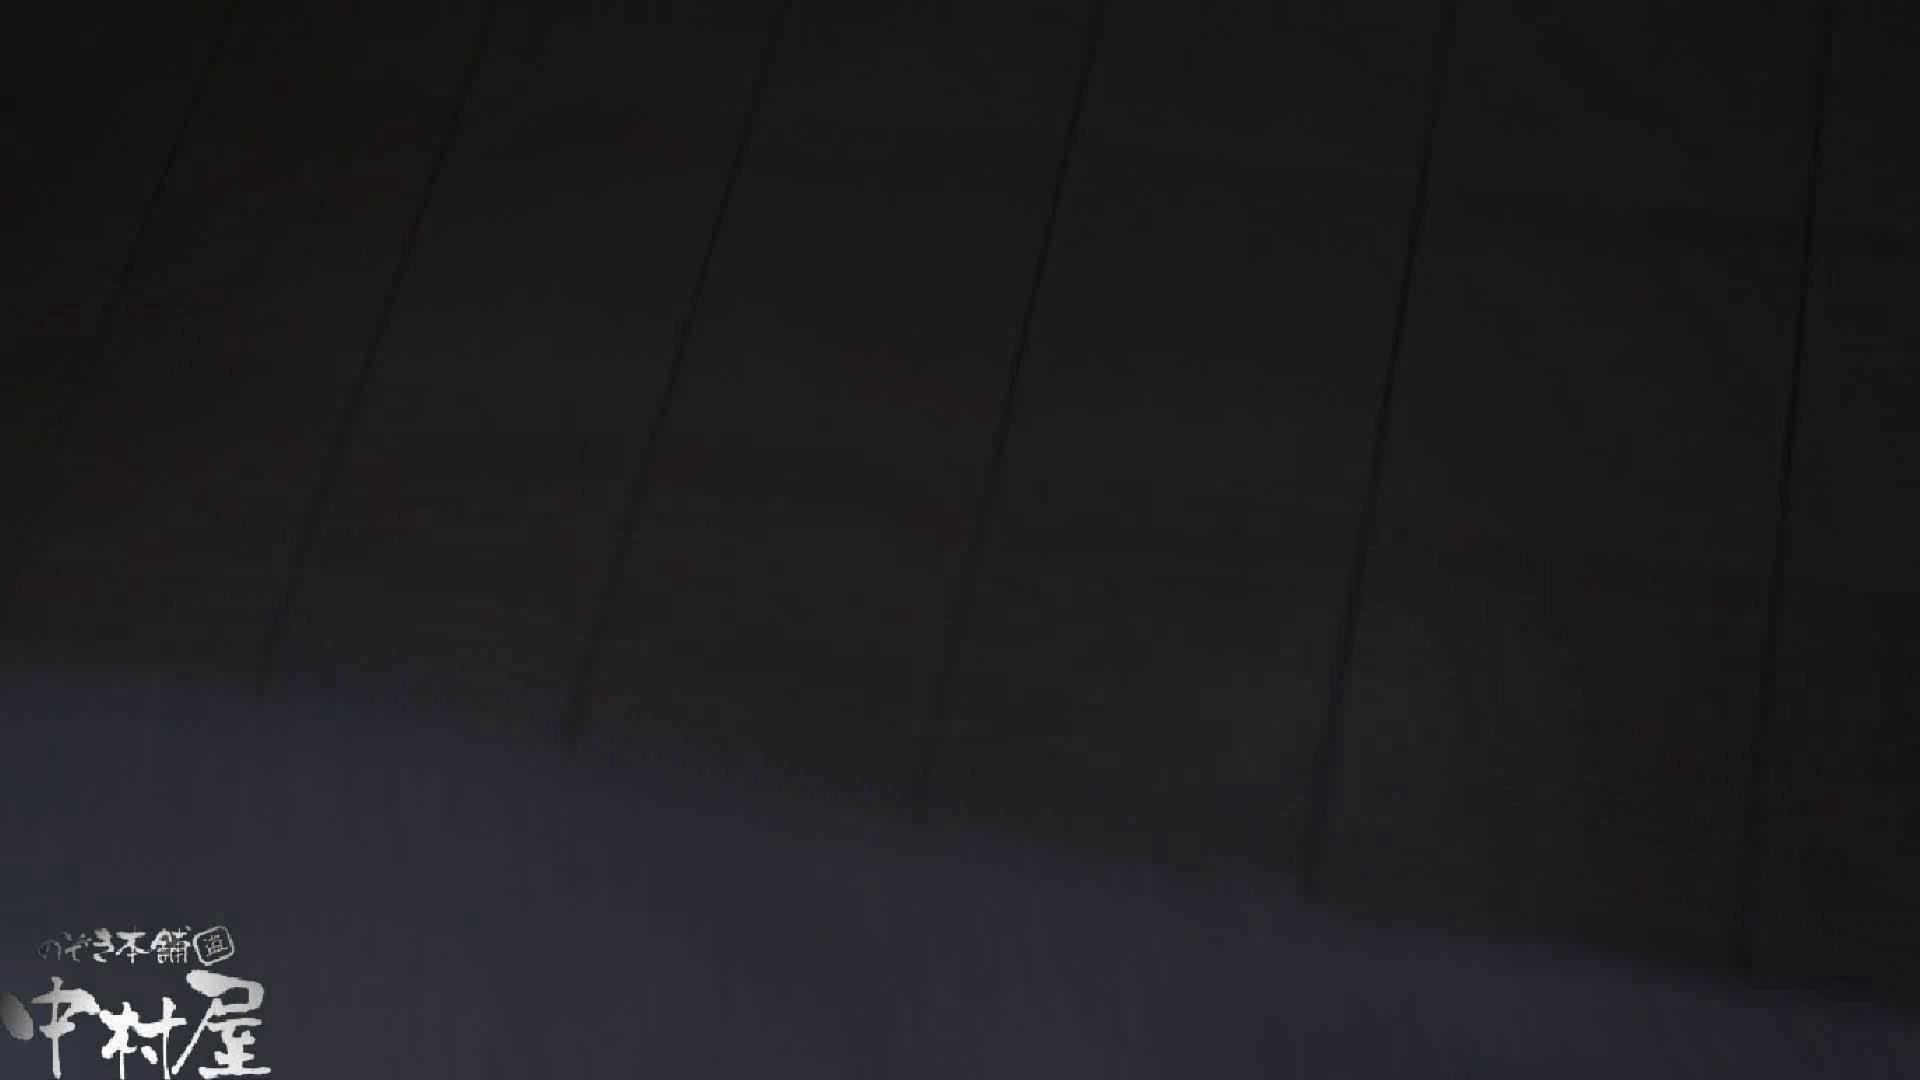 魂のかわや盗撮62連発! ドデカイ空爆! 14発目! 盗撮シリーズ | 黄金水  92PIX 23